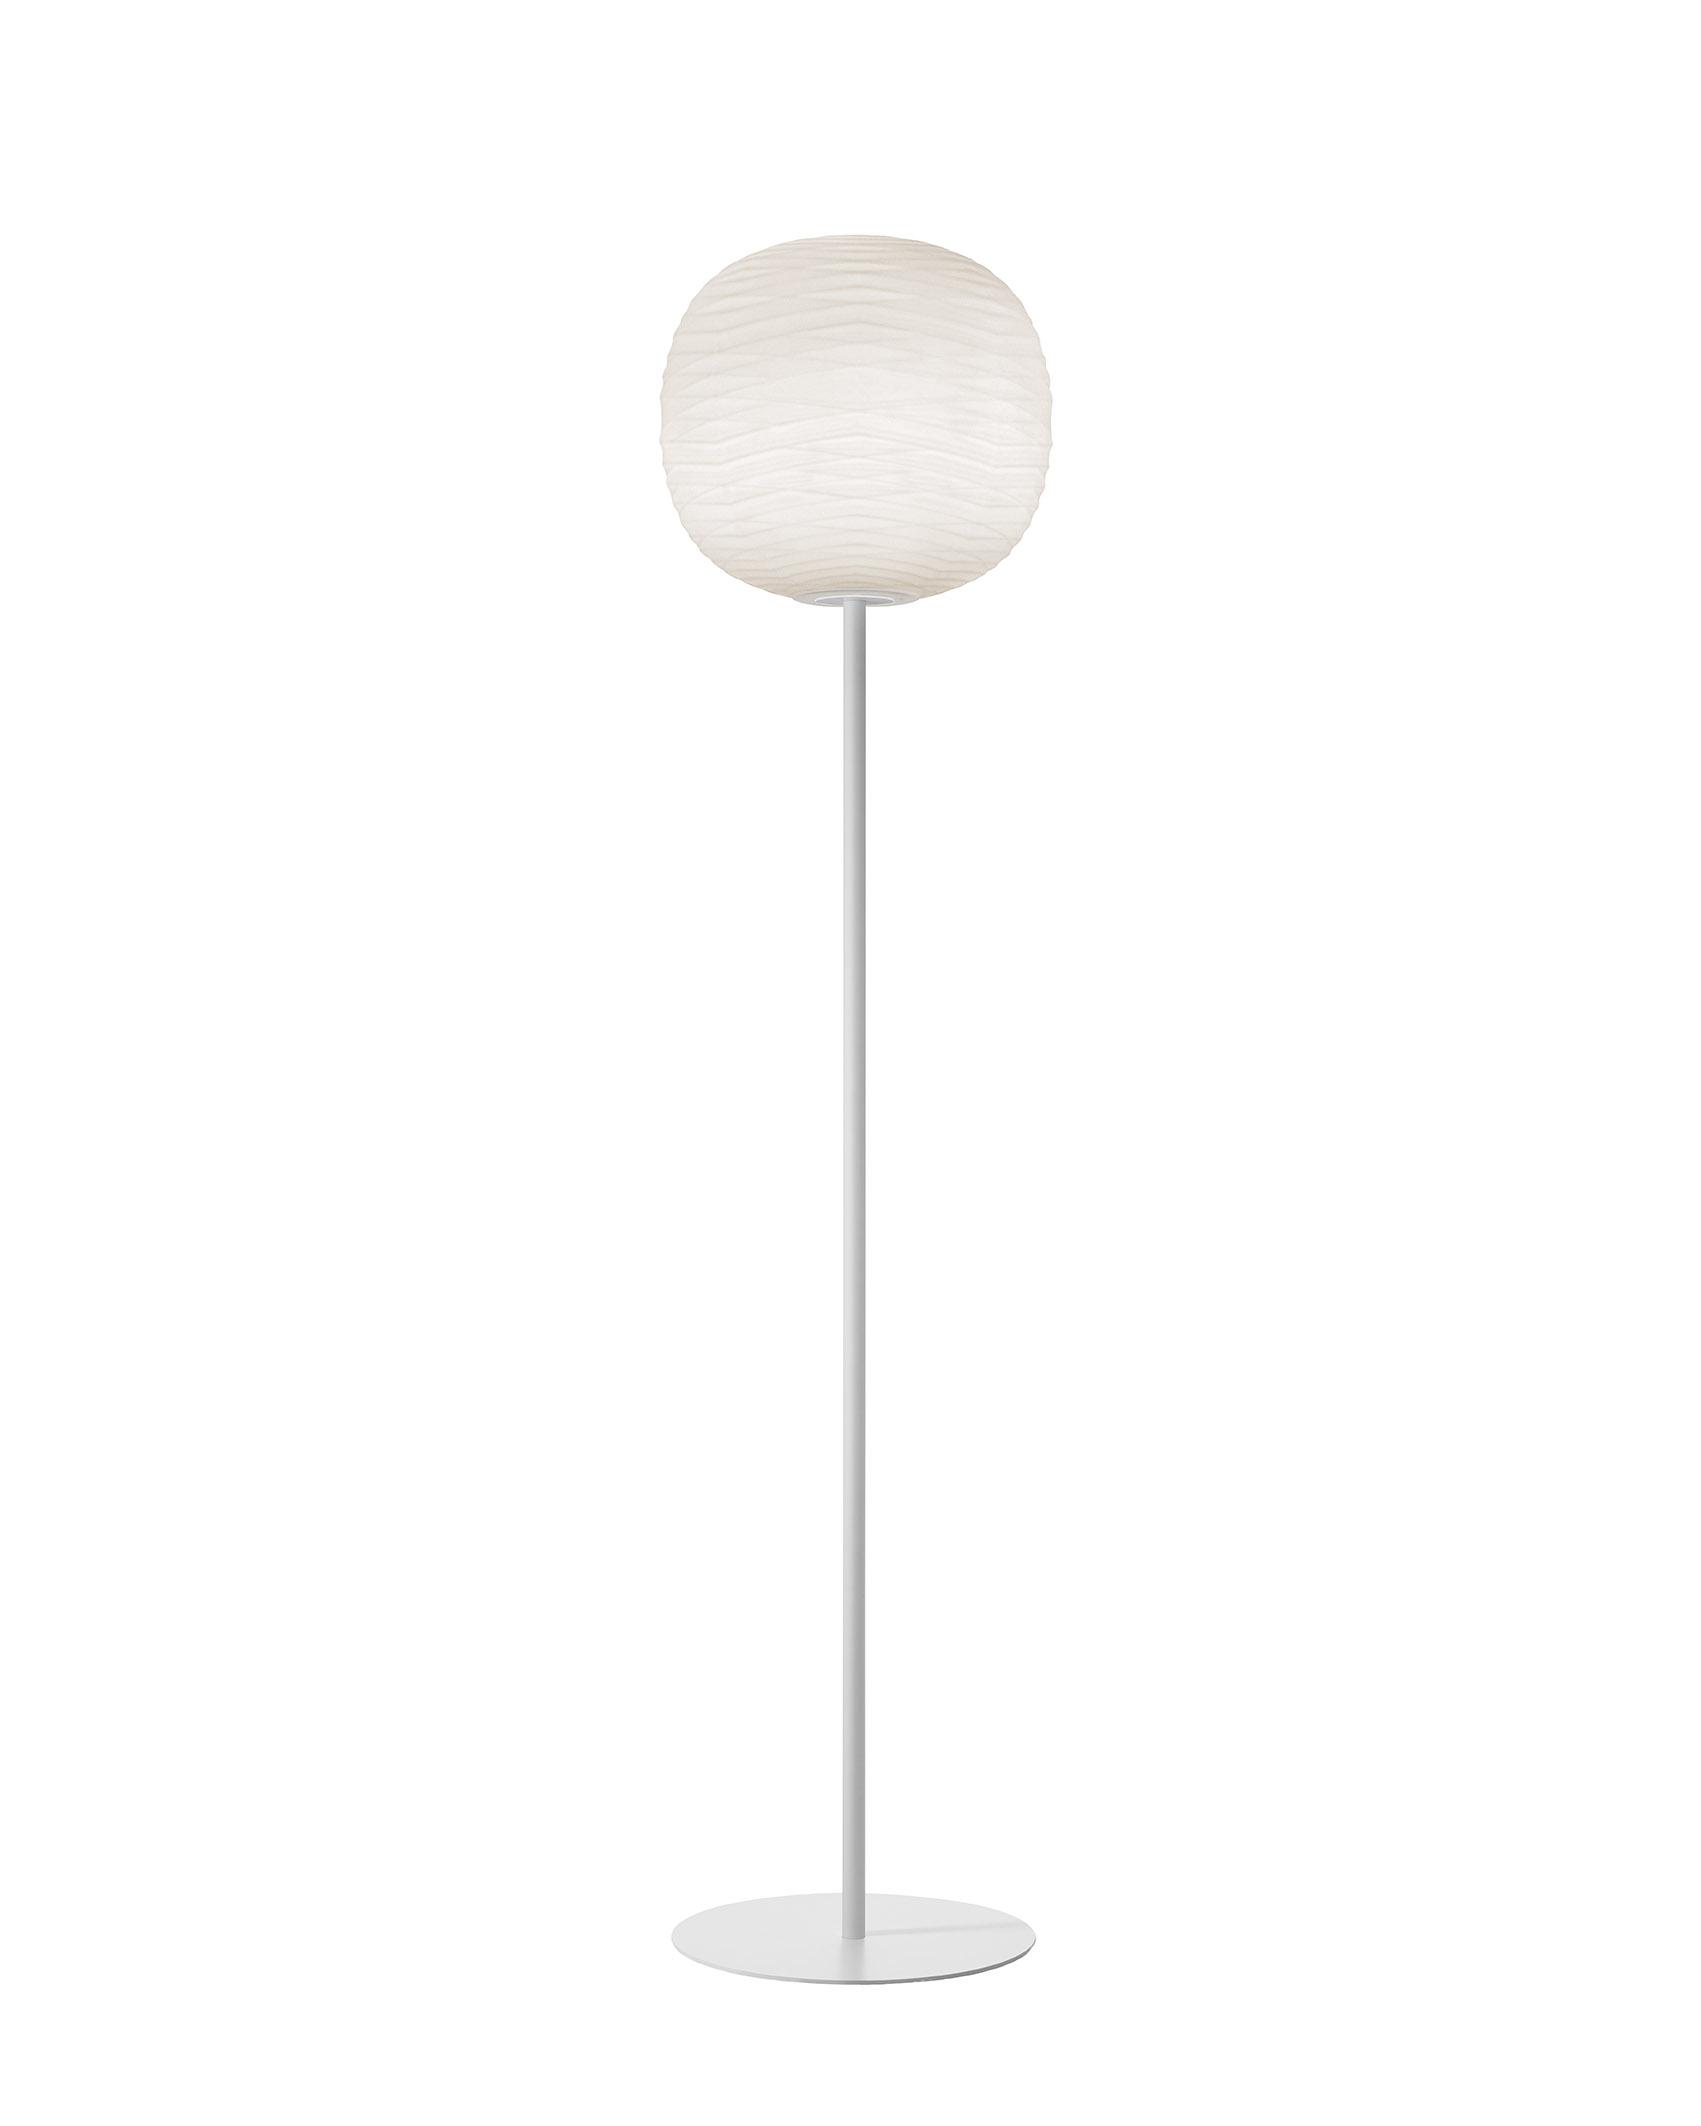 Lampada da terra Gem Mix&Match in vetro soffiato in rilievo e acidato e metallo verniciato color bianco realizzata da Ludovica+Roberto Palomba per Foscarini